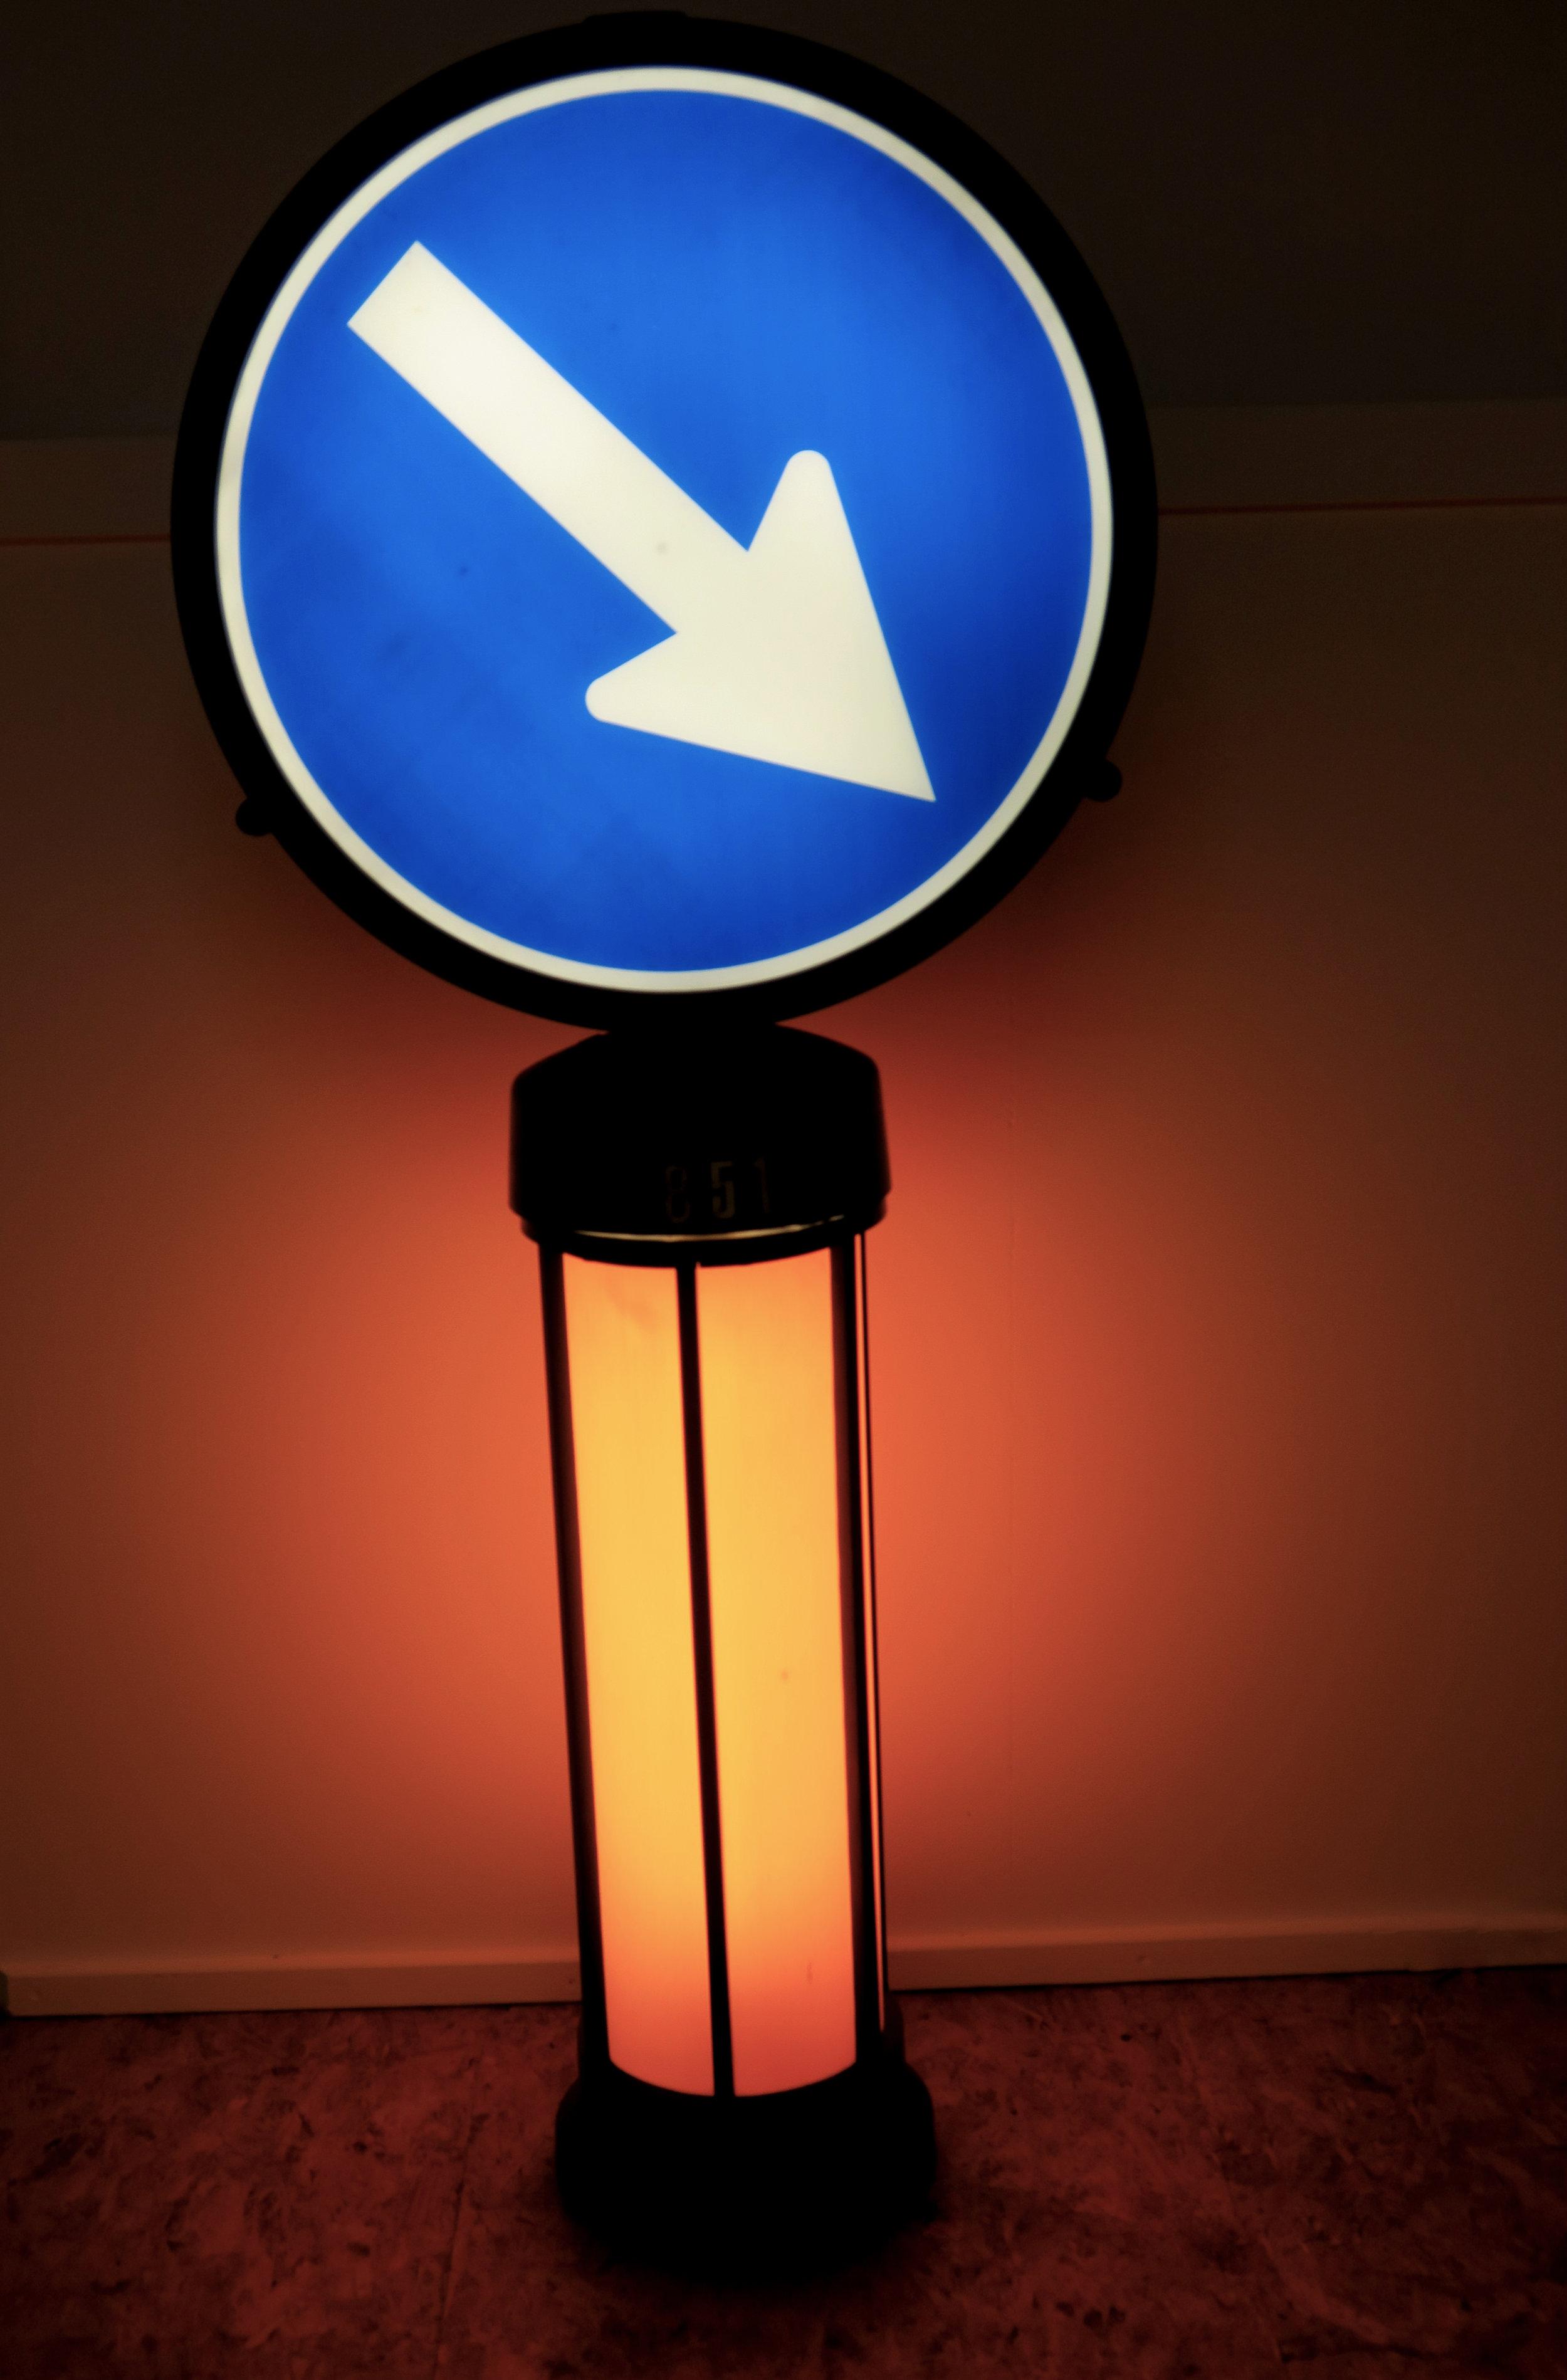 Verkehrshinweisschild - Kunstoff, Neonbeleuchtung, 60/70erVERKAUFT